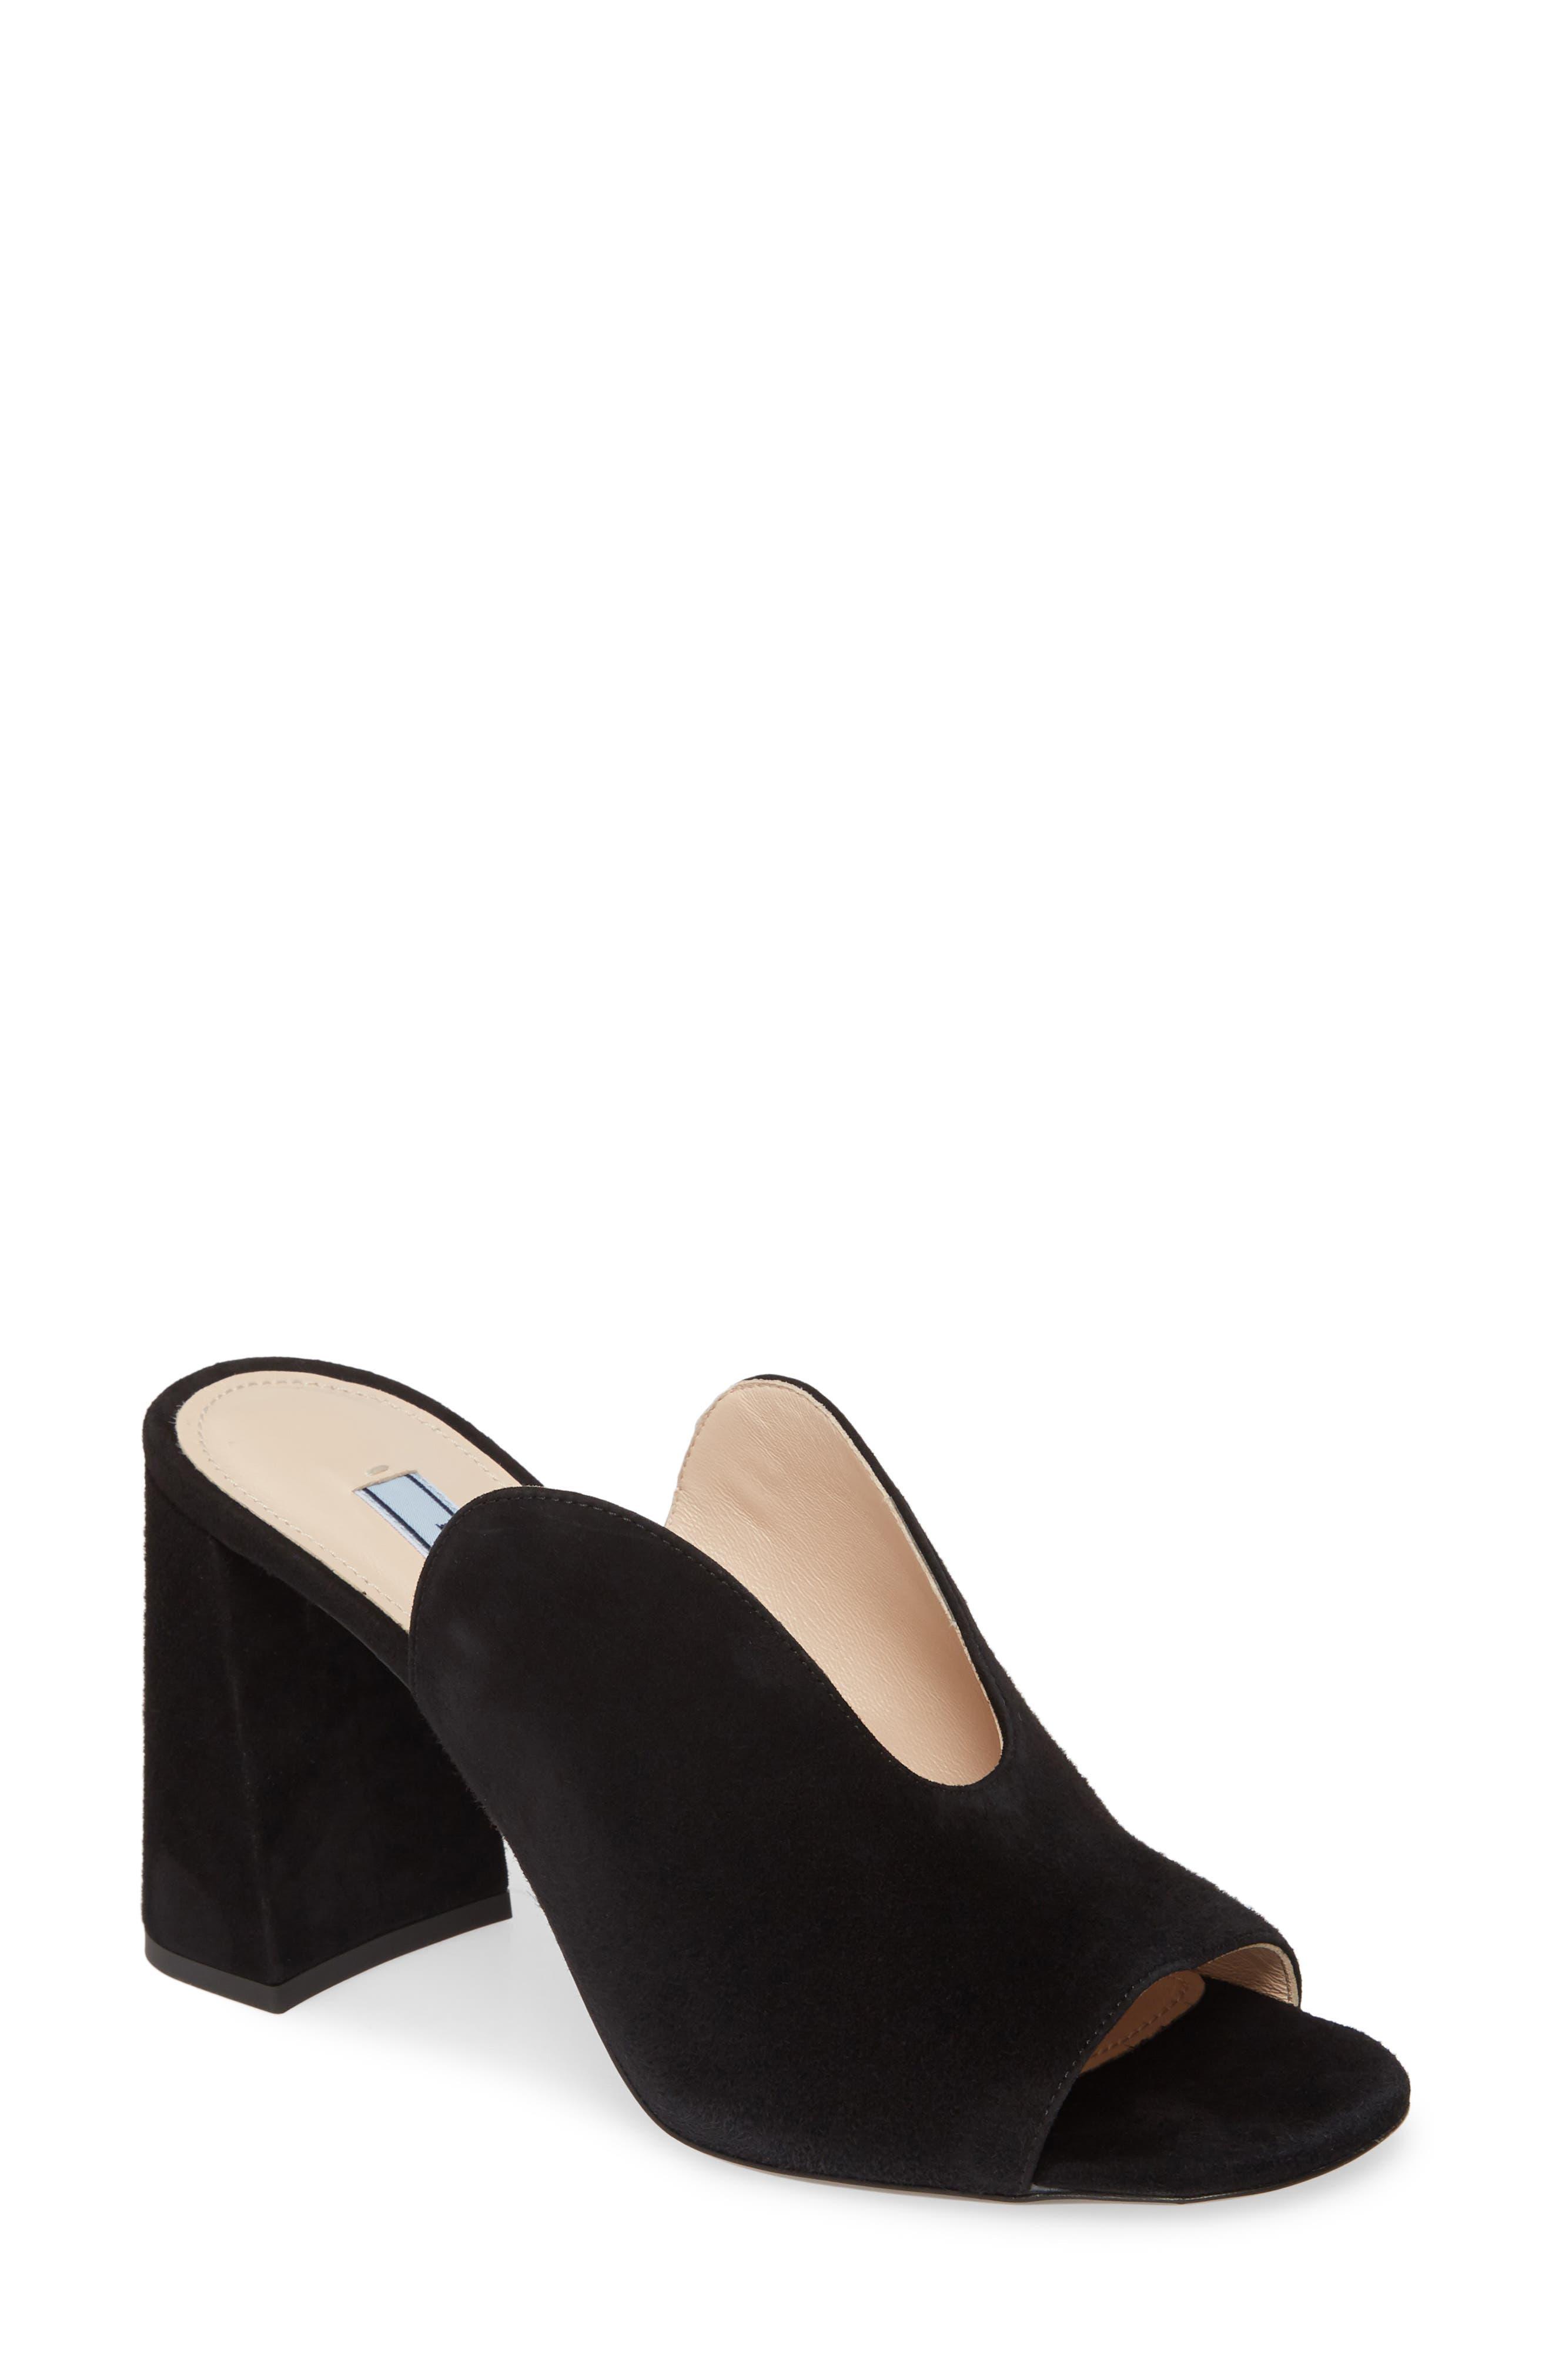 Prada Slippers Slide Sandal